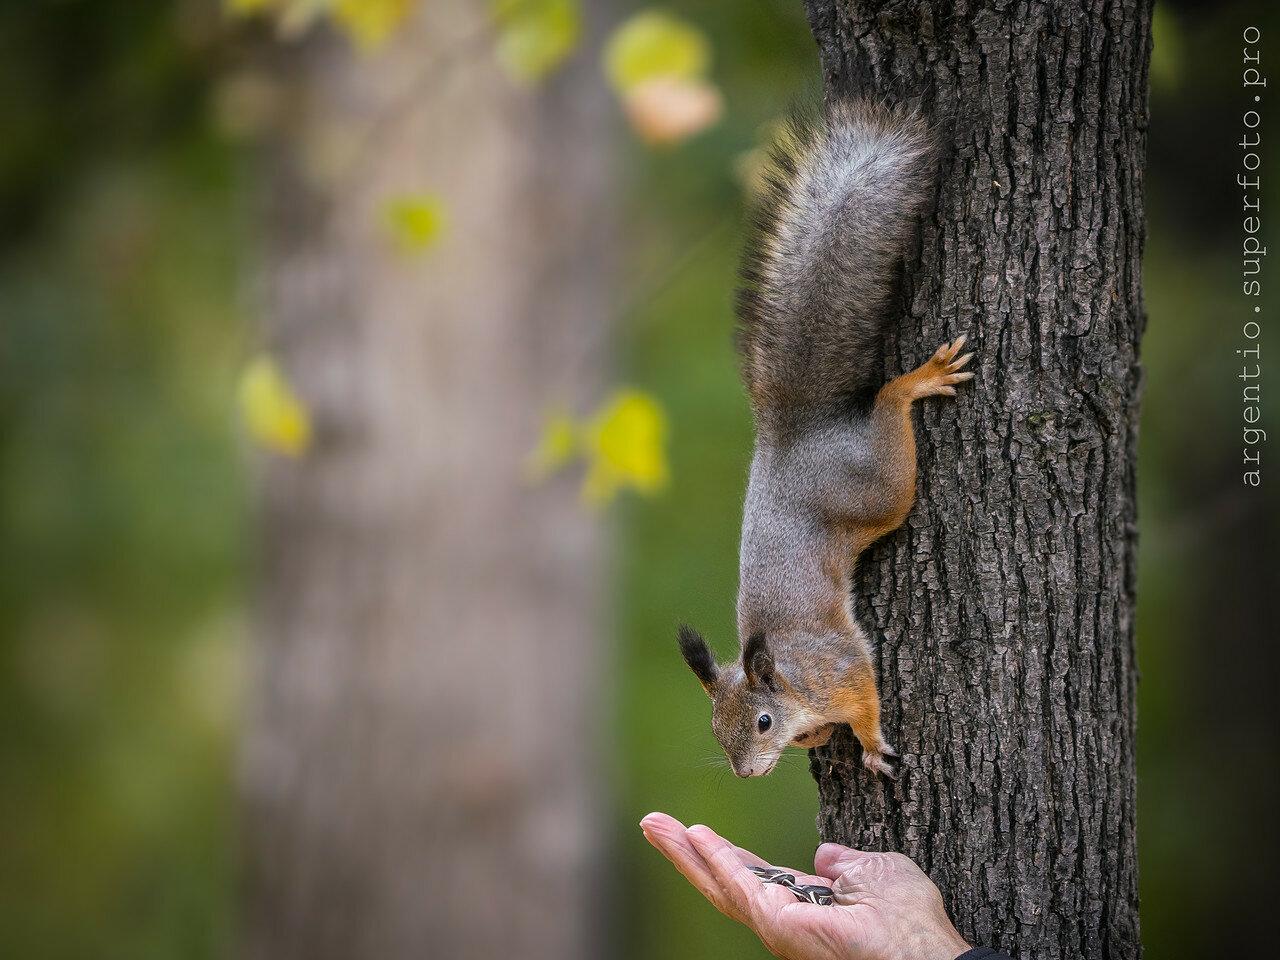 материал содержит белки на деревьях фото общем